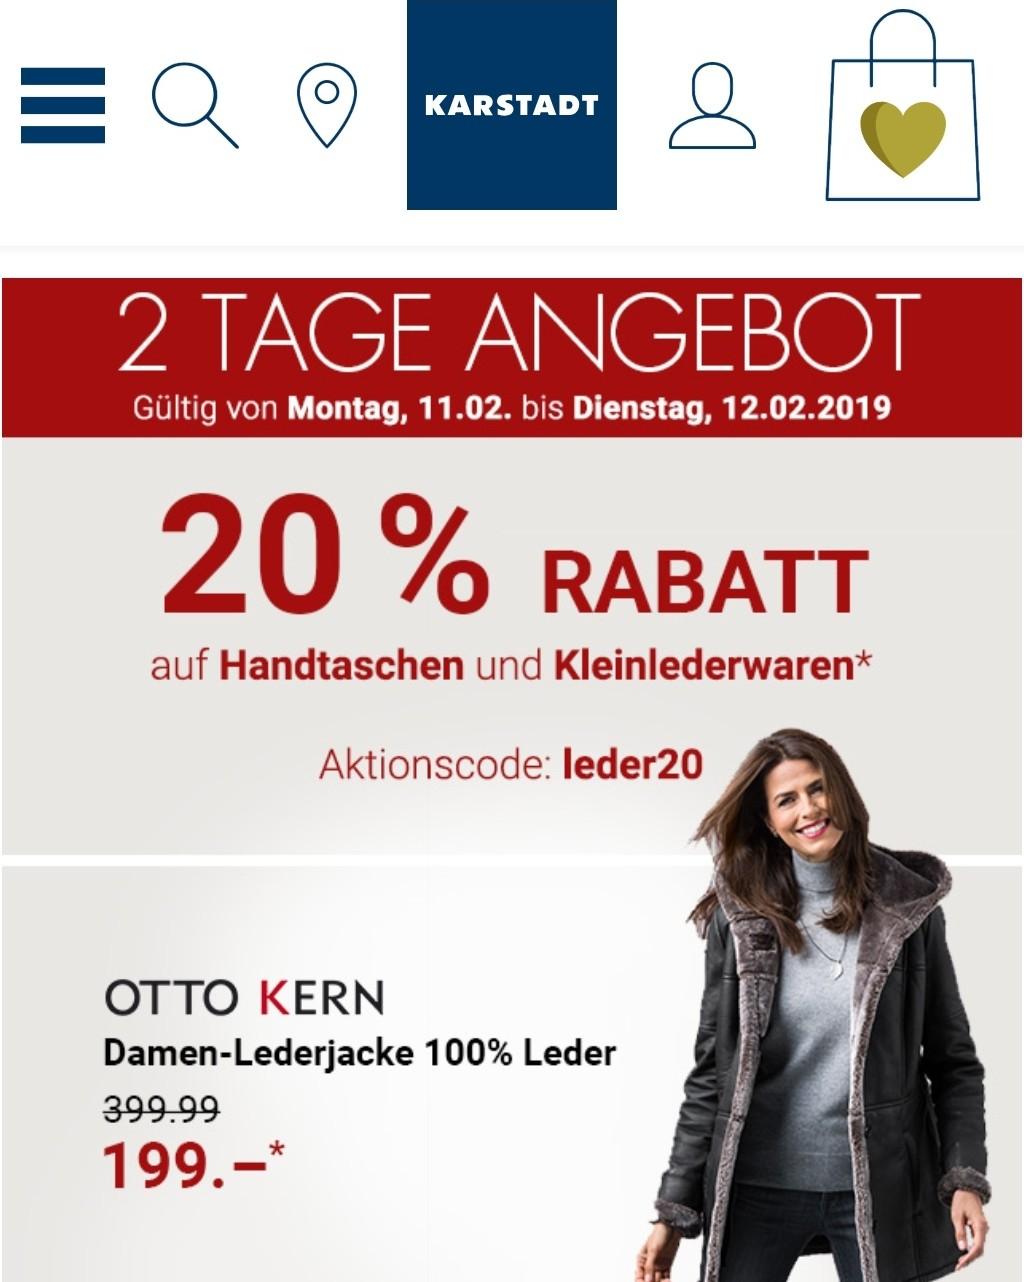 a45a82b2bf2a6 20% Rabatt auf Handtaschen und Kleinlederwaren bei Karstadt